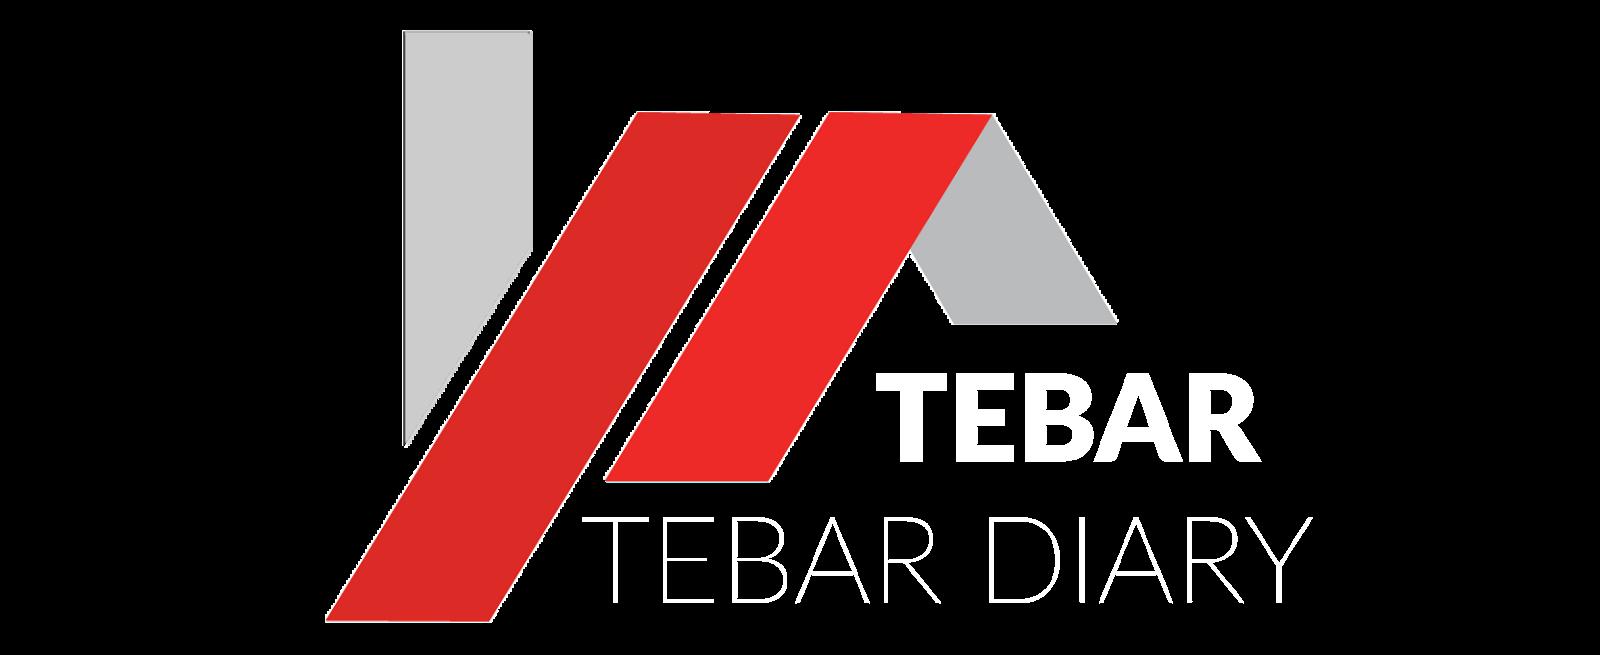 Tebar Diary